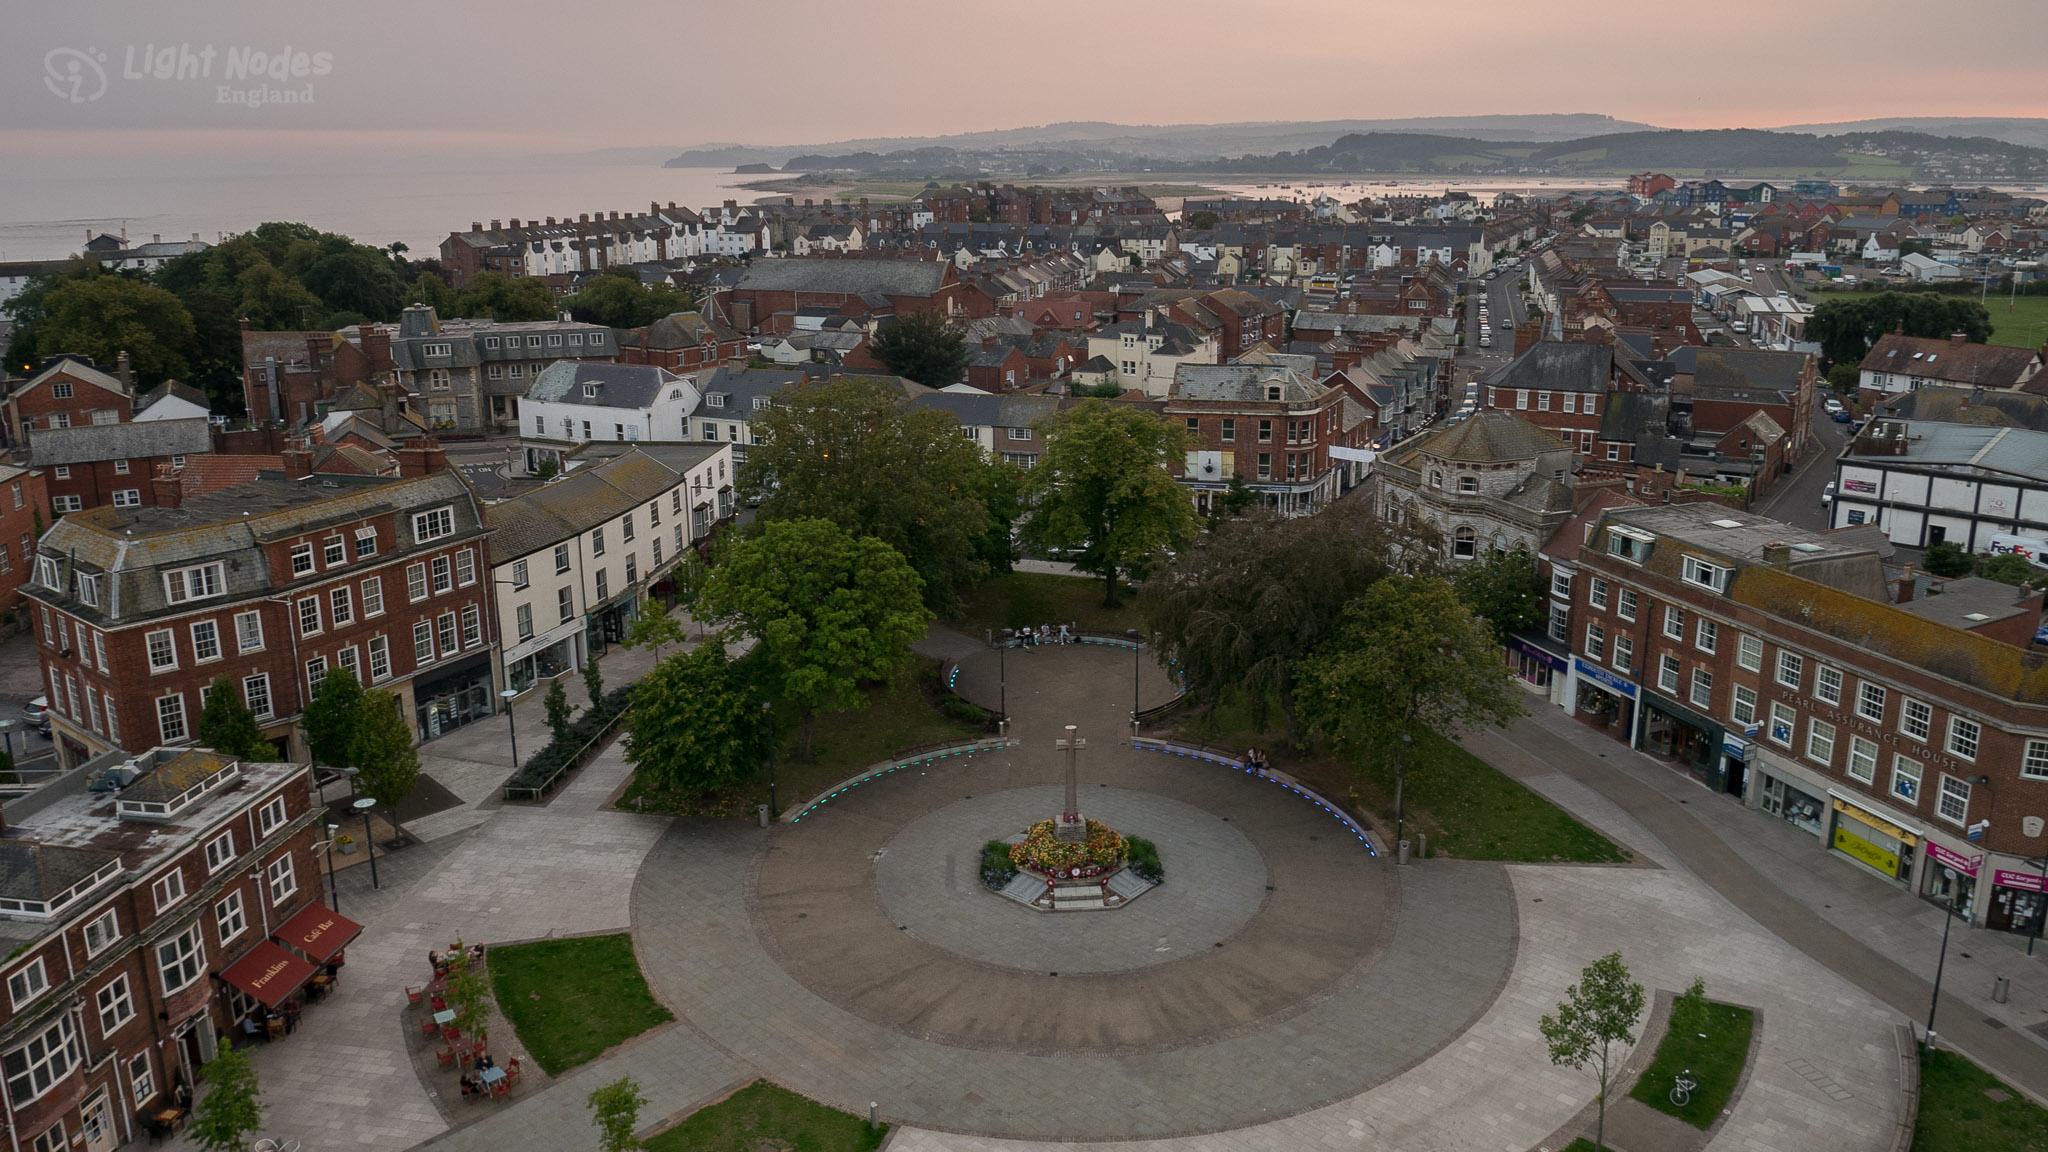 GM1 - September evening in Exmouth, Devon